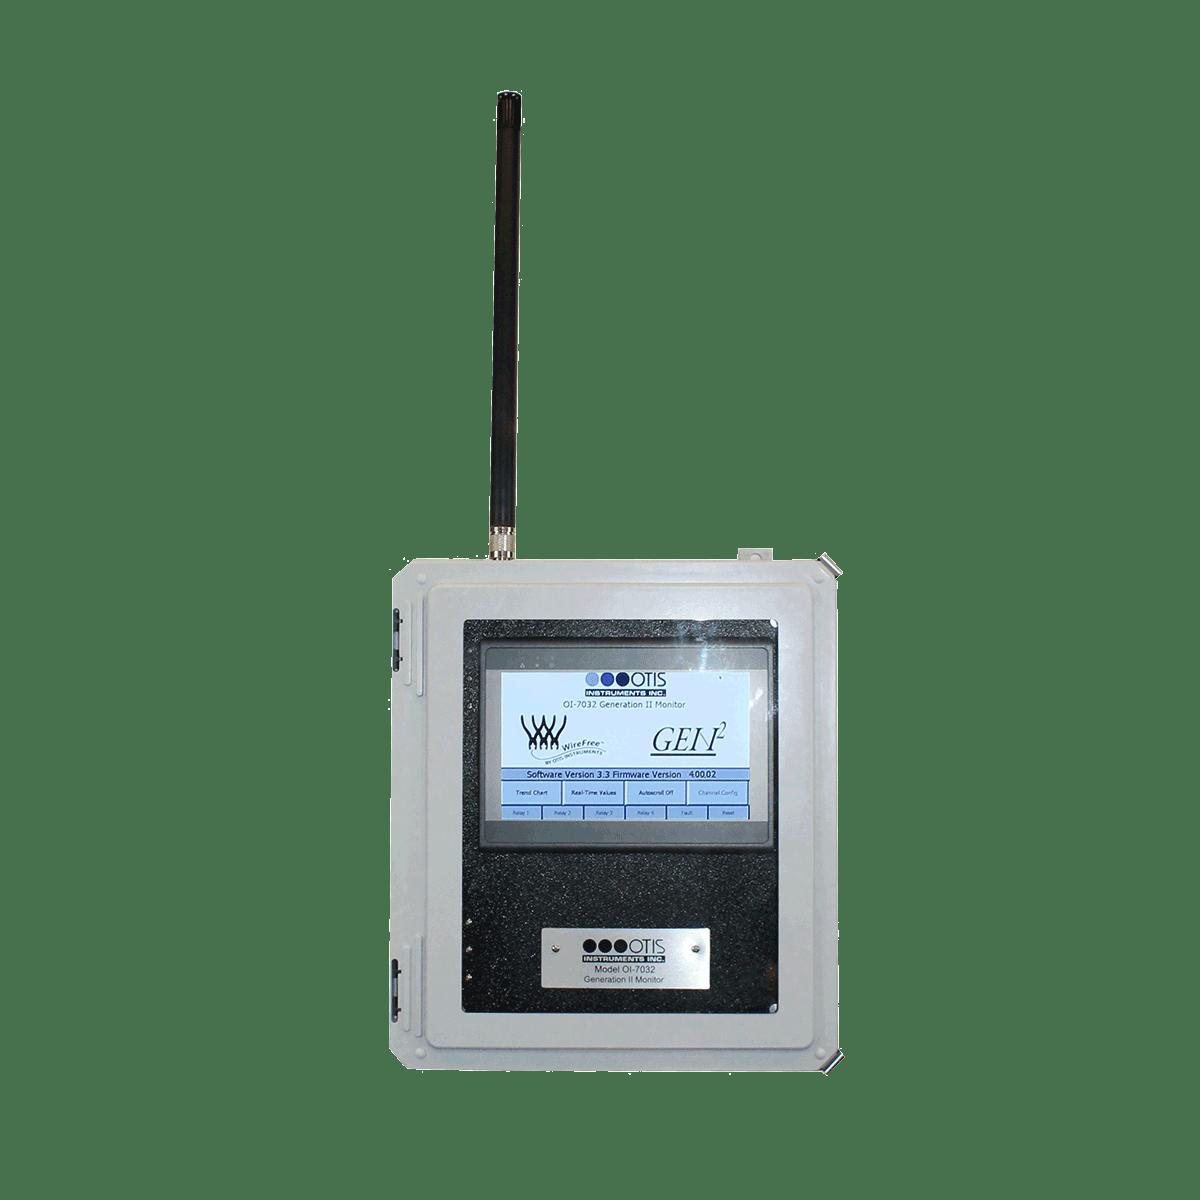 OI-7032 Monitor - Otis Instruments